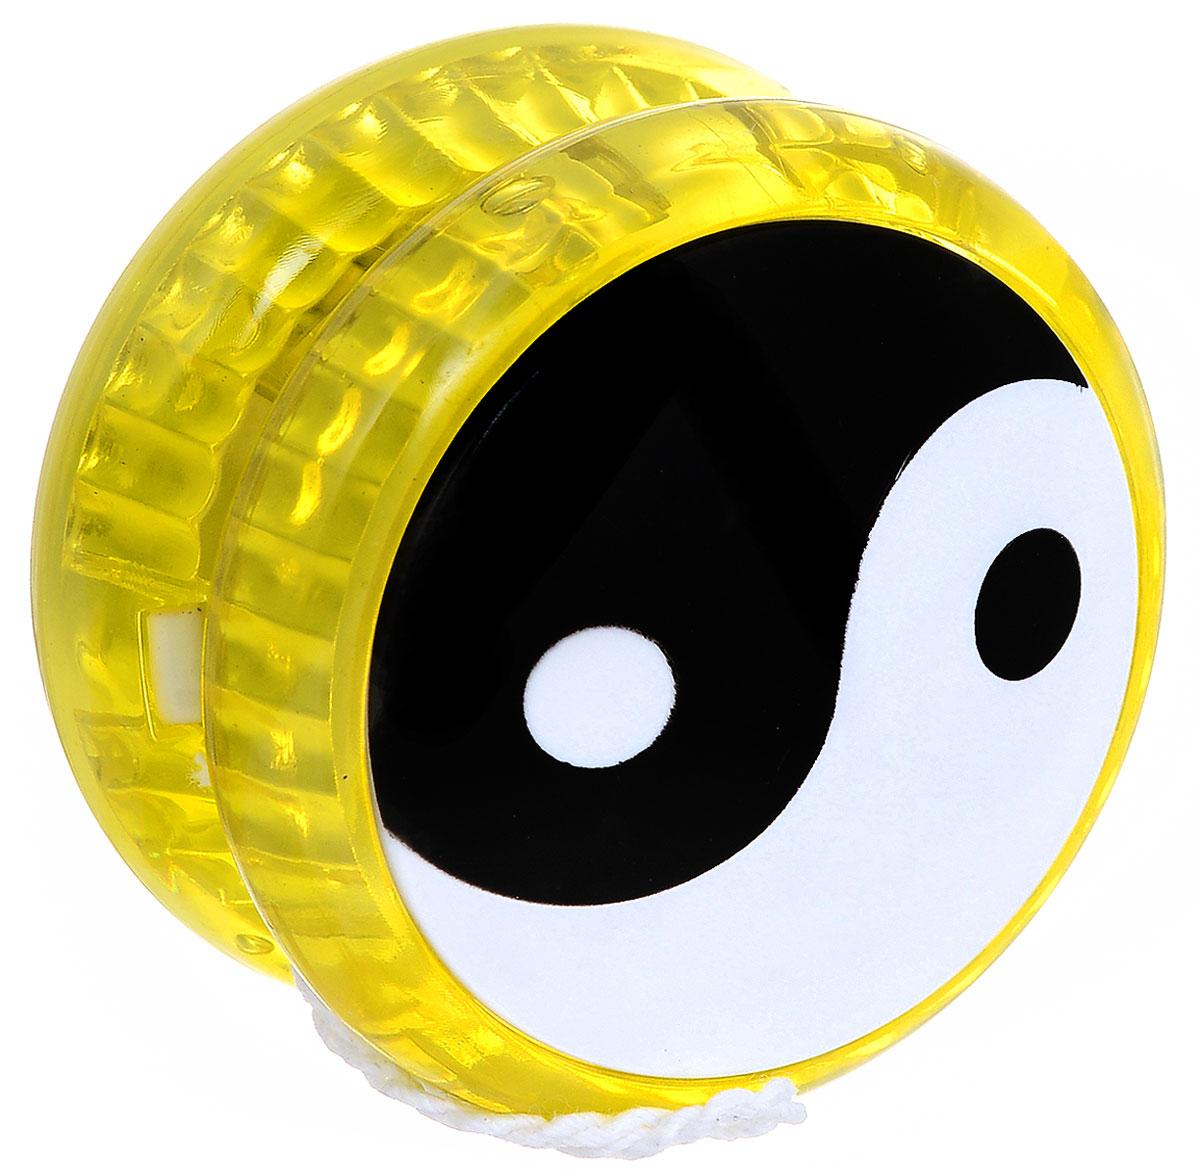 Эврика Йо-йо Инь-Ян цвет желтый игрушка йо йо 1 toy на палец